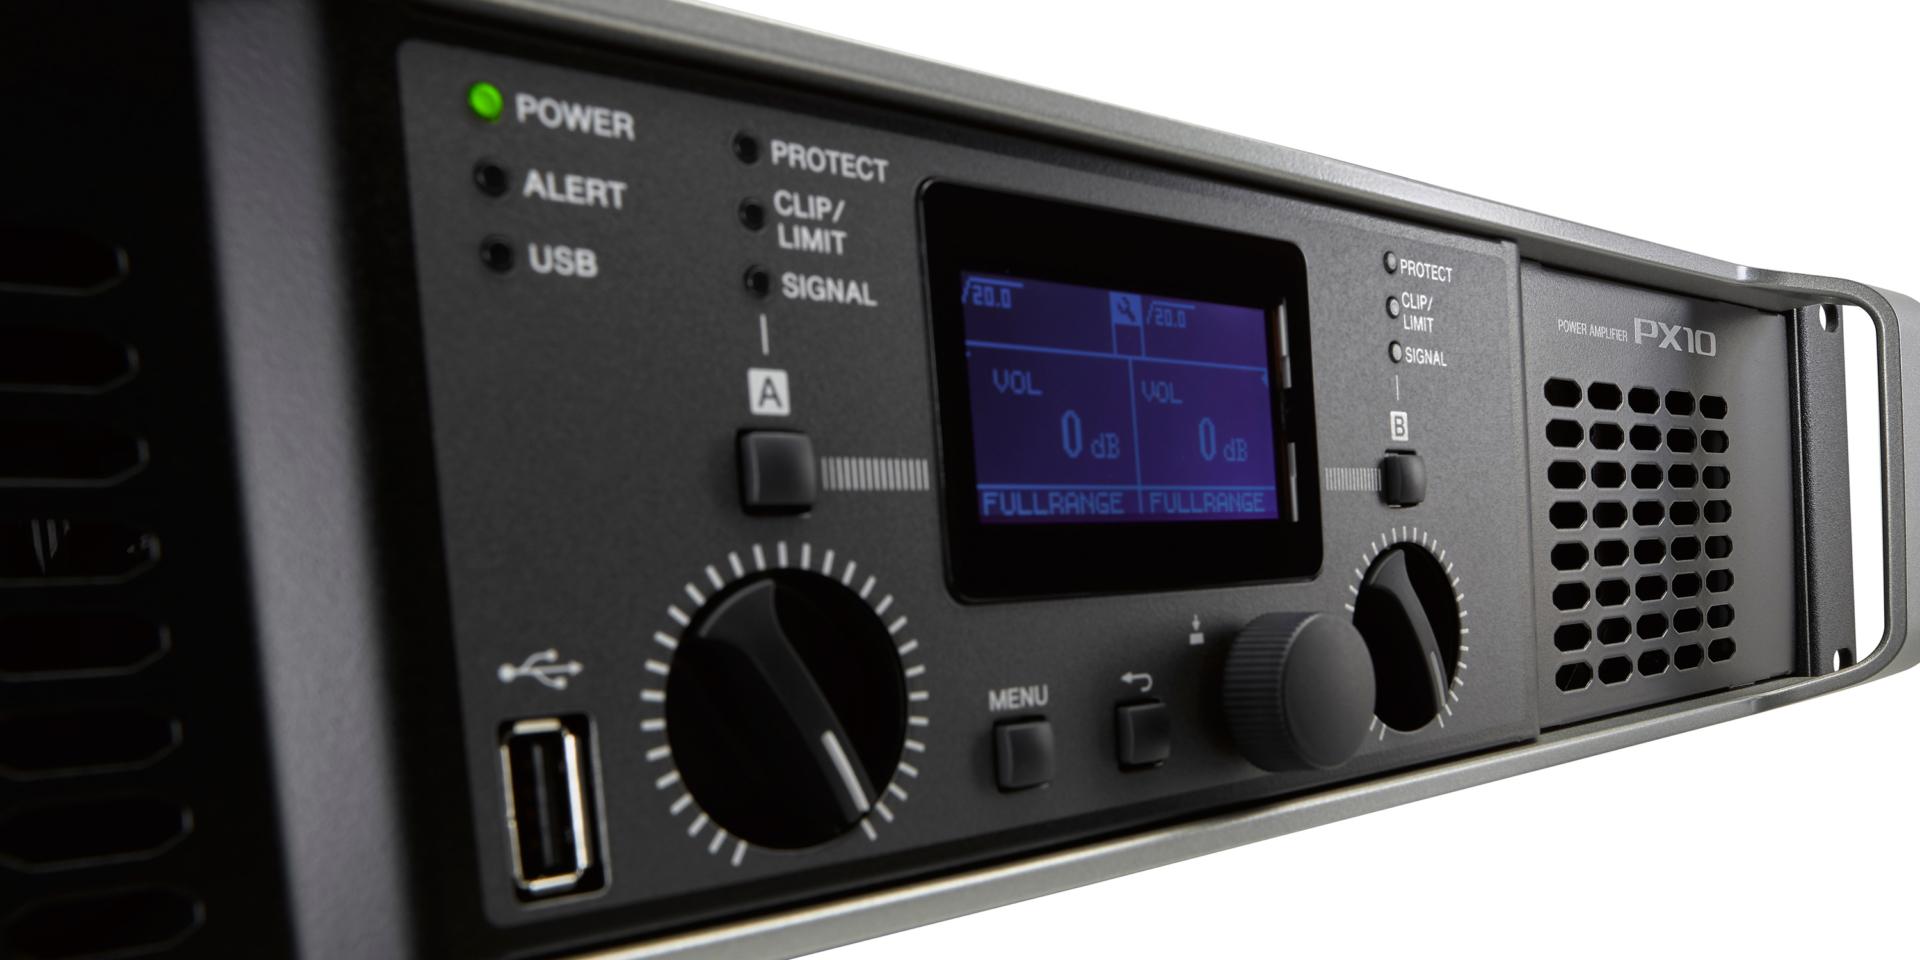 La Line-Up di amplificatori di potenza della serie Yamaha PX combina una raffinata DSP con un'elevata potenza di uscita per soddisfare una vasta gamma di applicazioni audio.